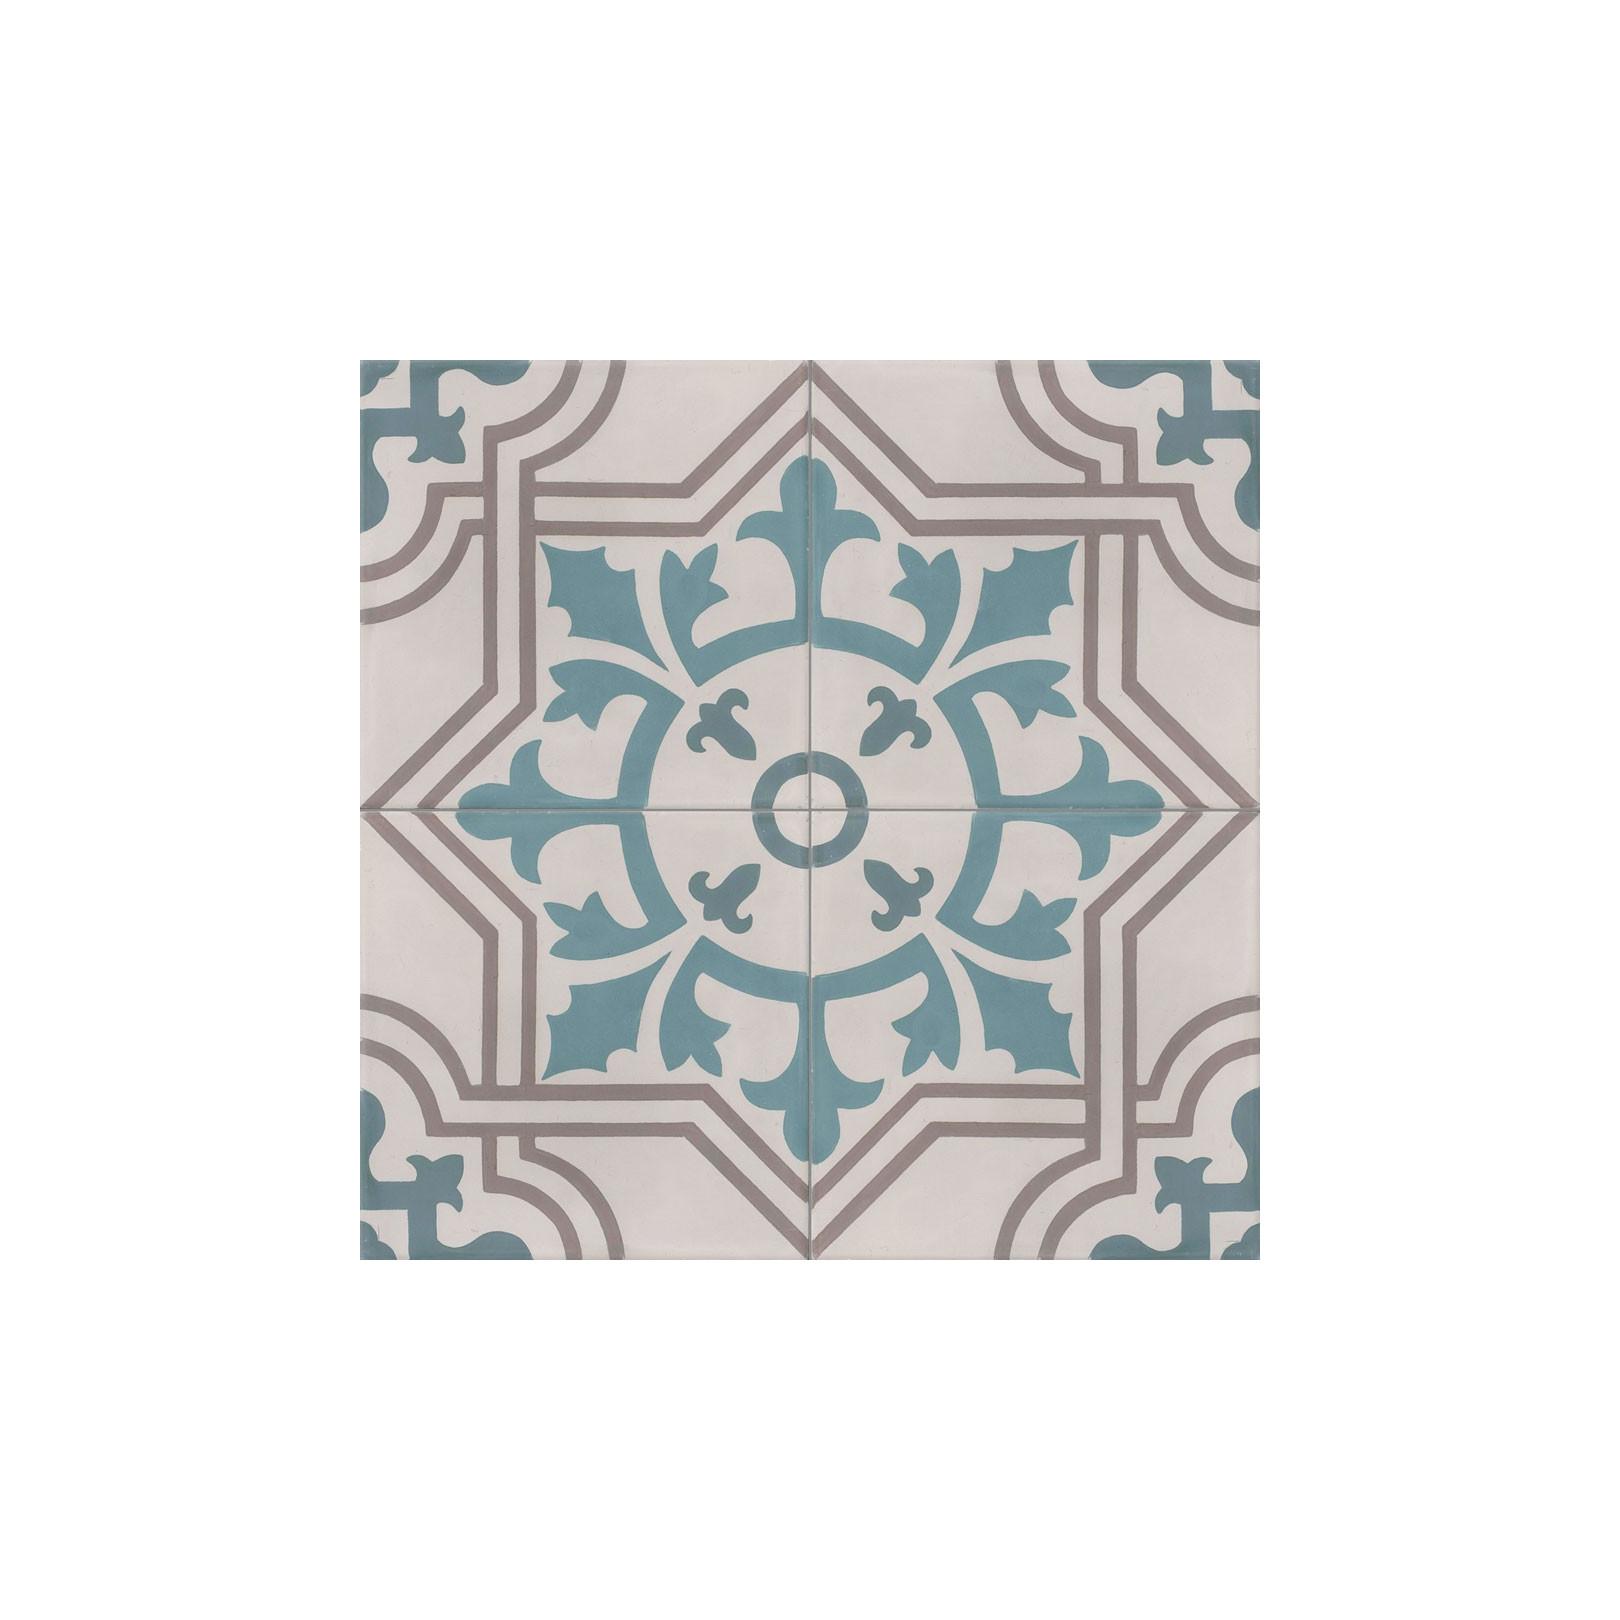 Carreau de ciment coloré motif 4 carreaux bleu, beige et marron ARCACHON 07.27.39.40